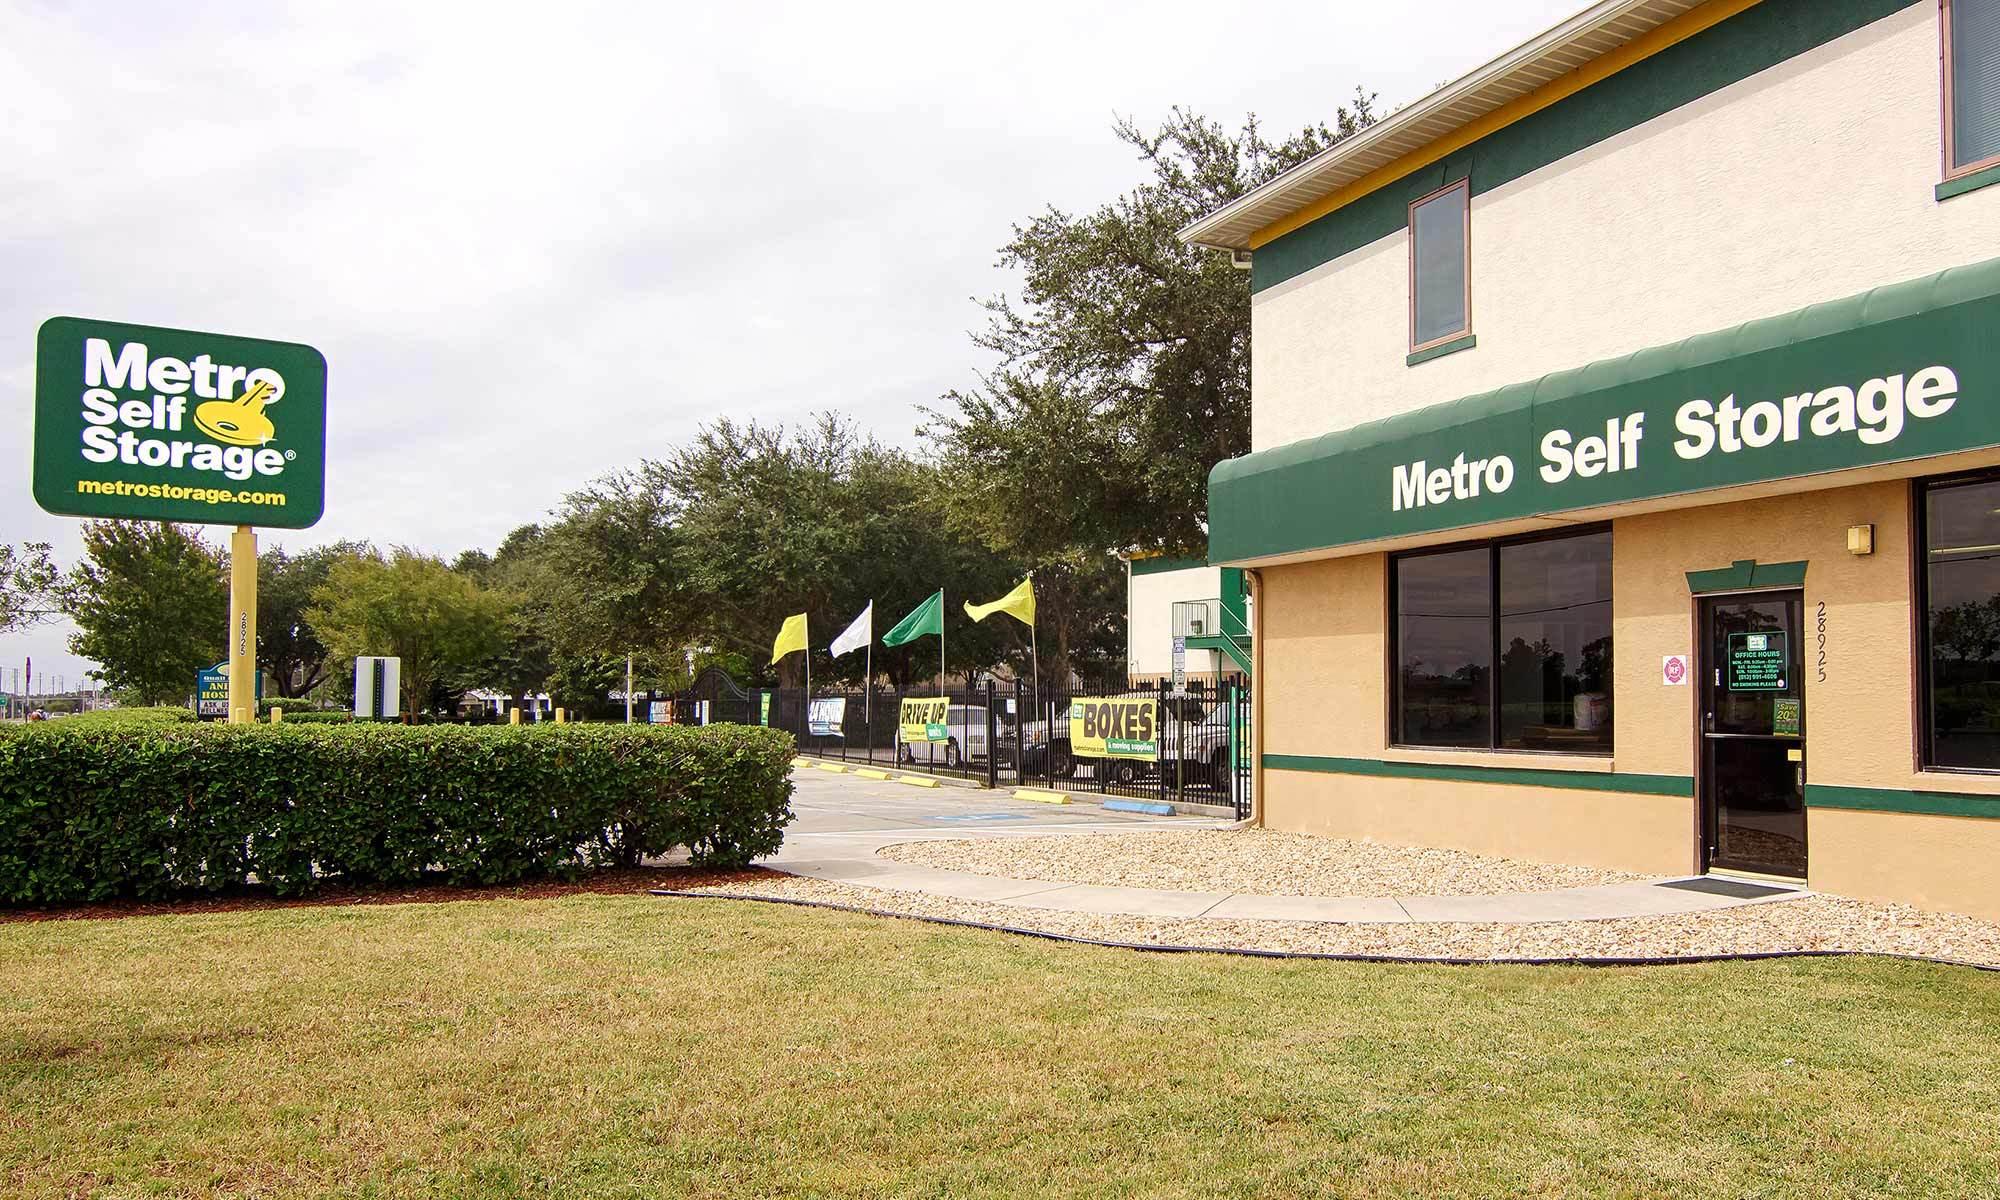 Metro Self Storage in Wesley Chapel, FL